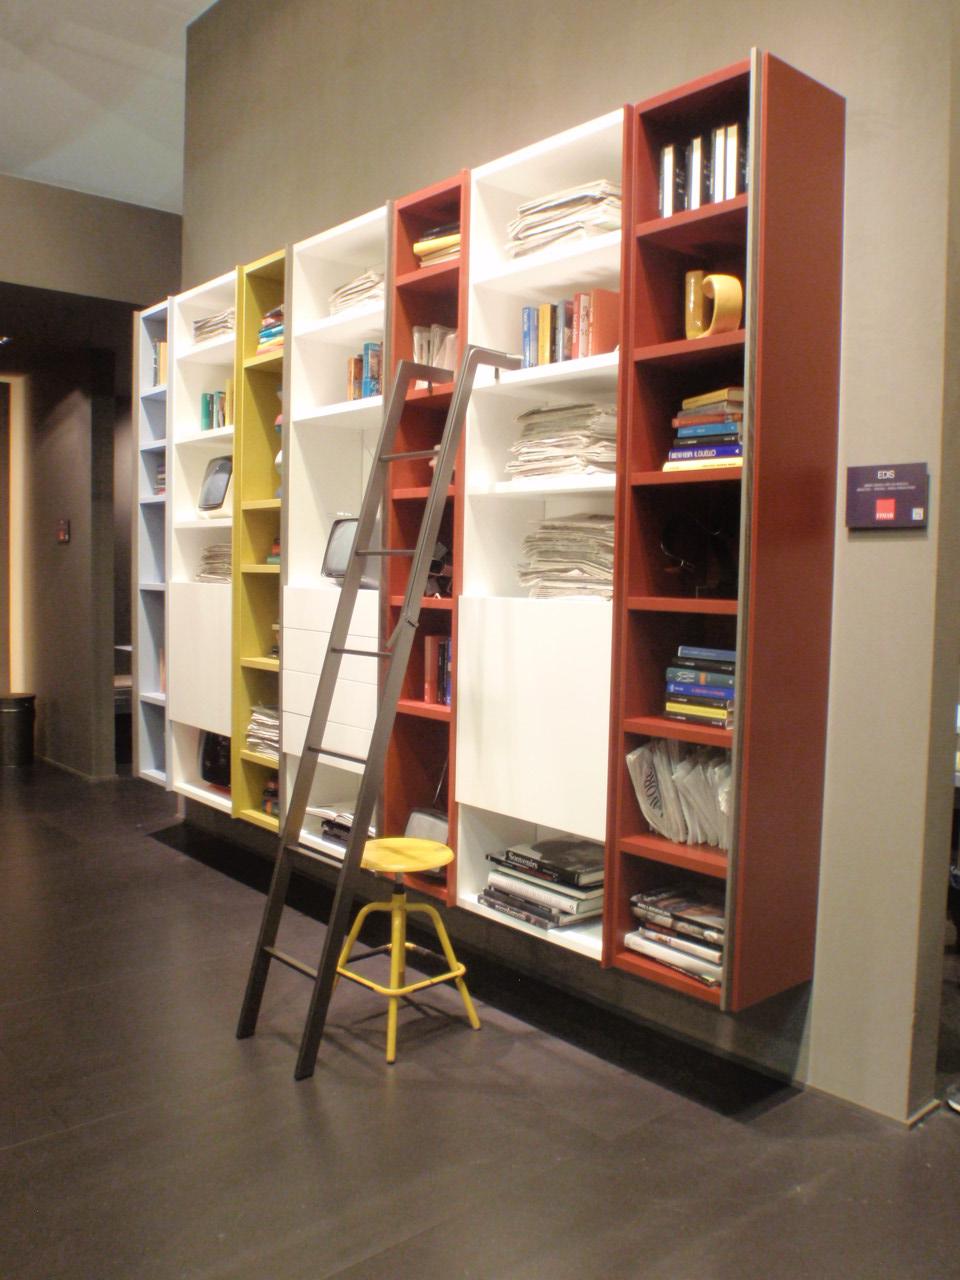 libreria edis fimar mobili